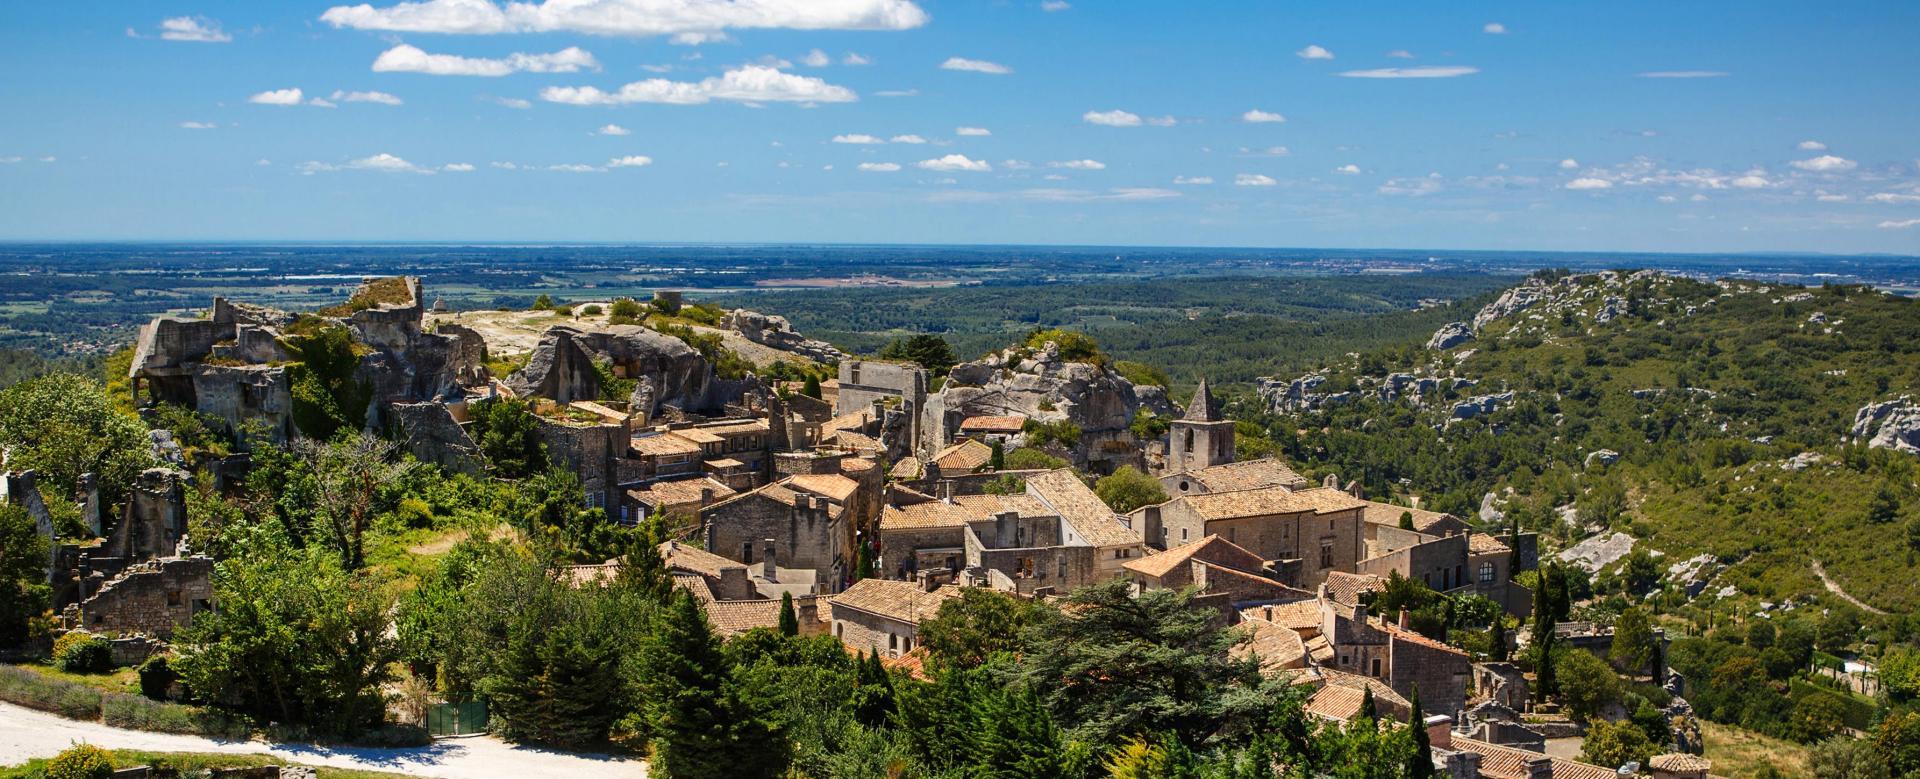 Voyage en véhicule France : La provence à vélo, des vignobles aux alpilles